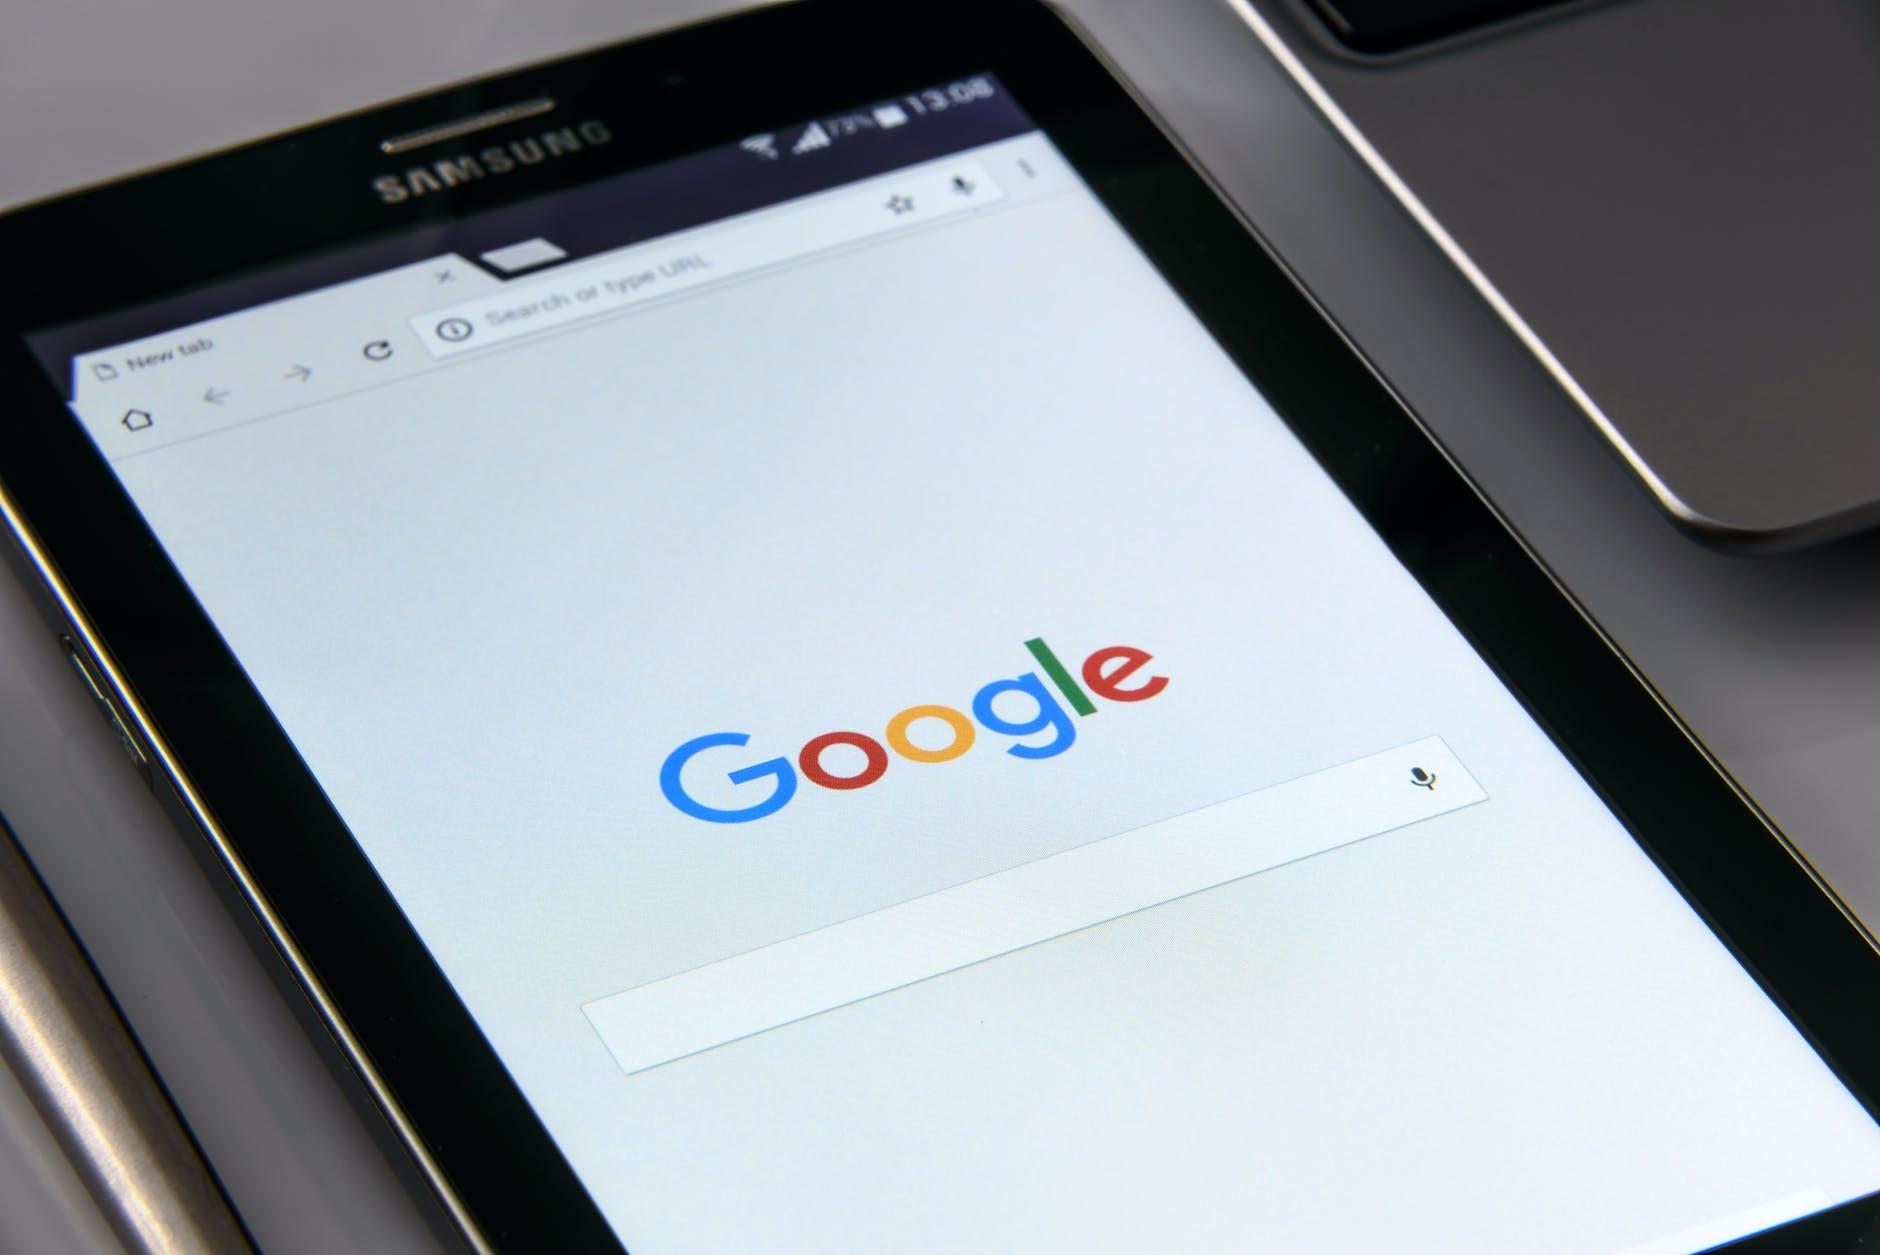 Що шукали українці у пошуковику Google найчастіше у 2019 році в українському сегменті Інтернет?